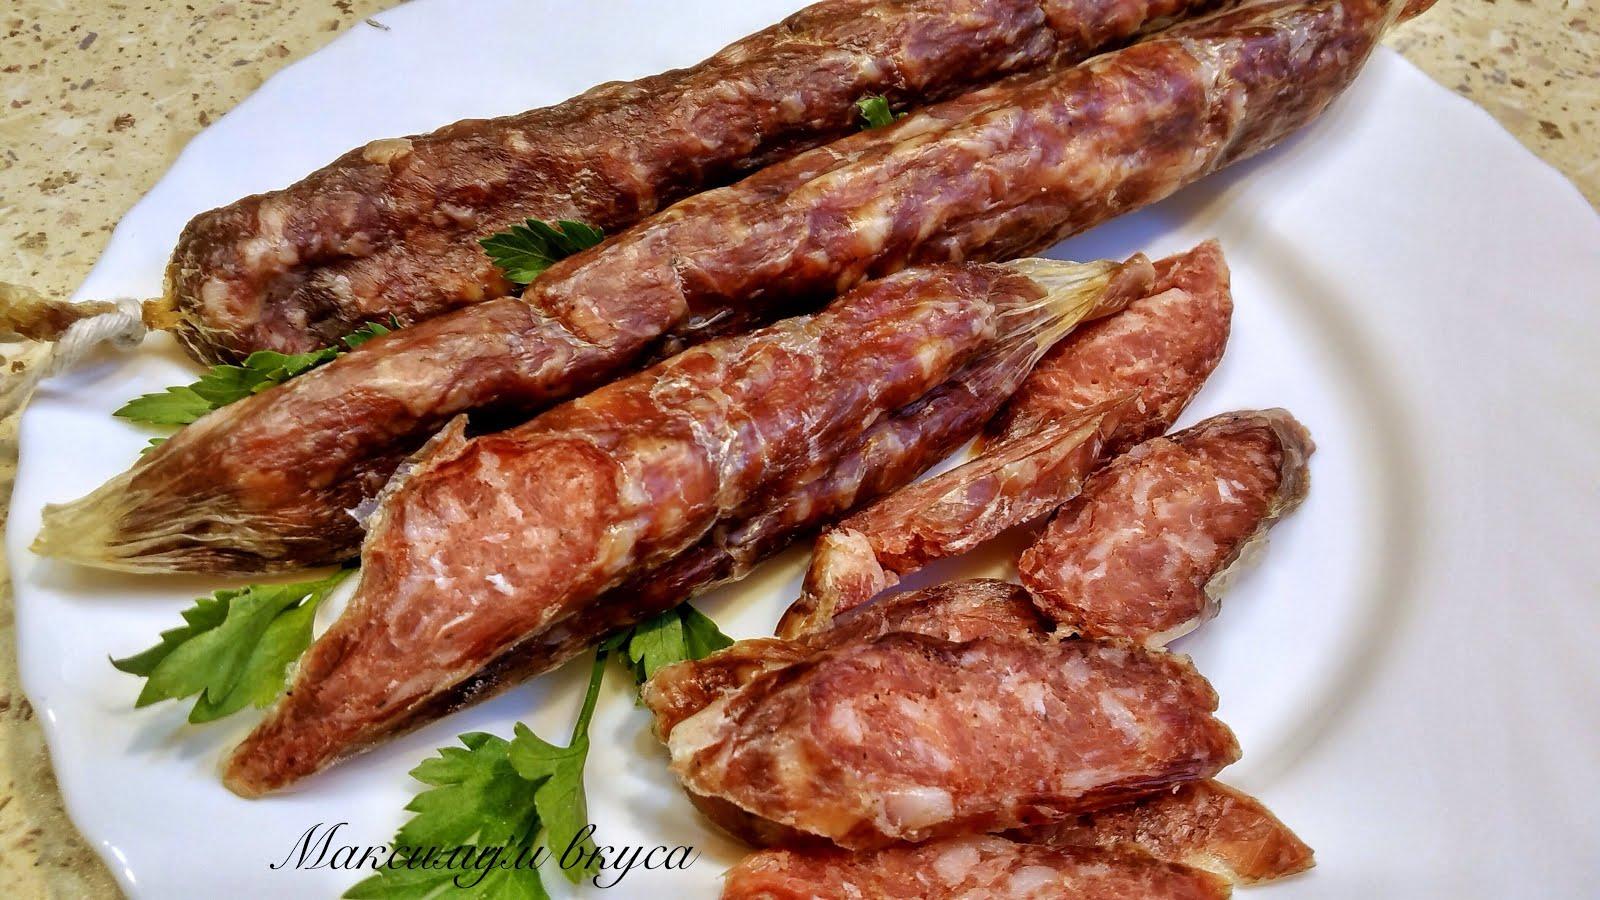 Рецепт сыровяленой колбасы в домашних условиях фото пошагово